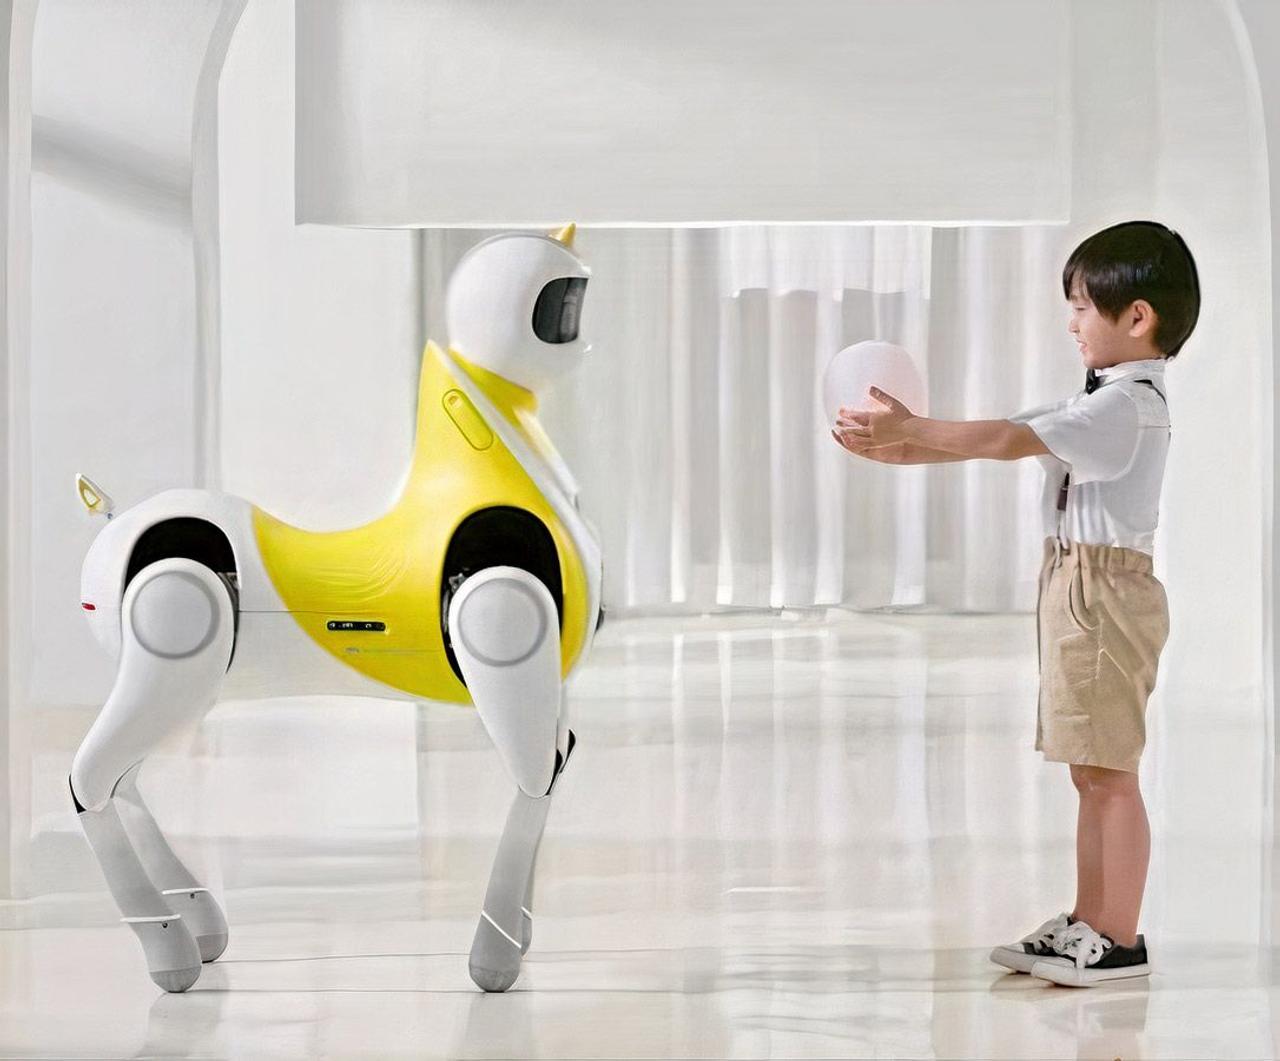 Интеллектуальный робот-пони Xpeng, делает шаг вперед к нашему видению мобильности будущего